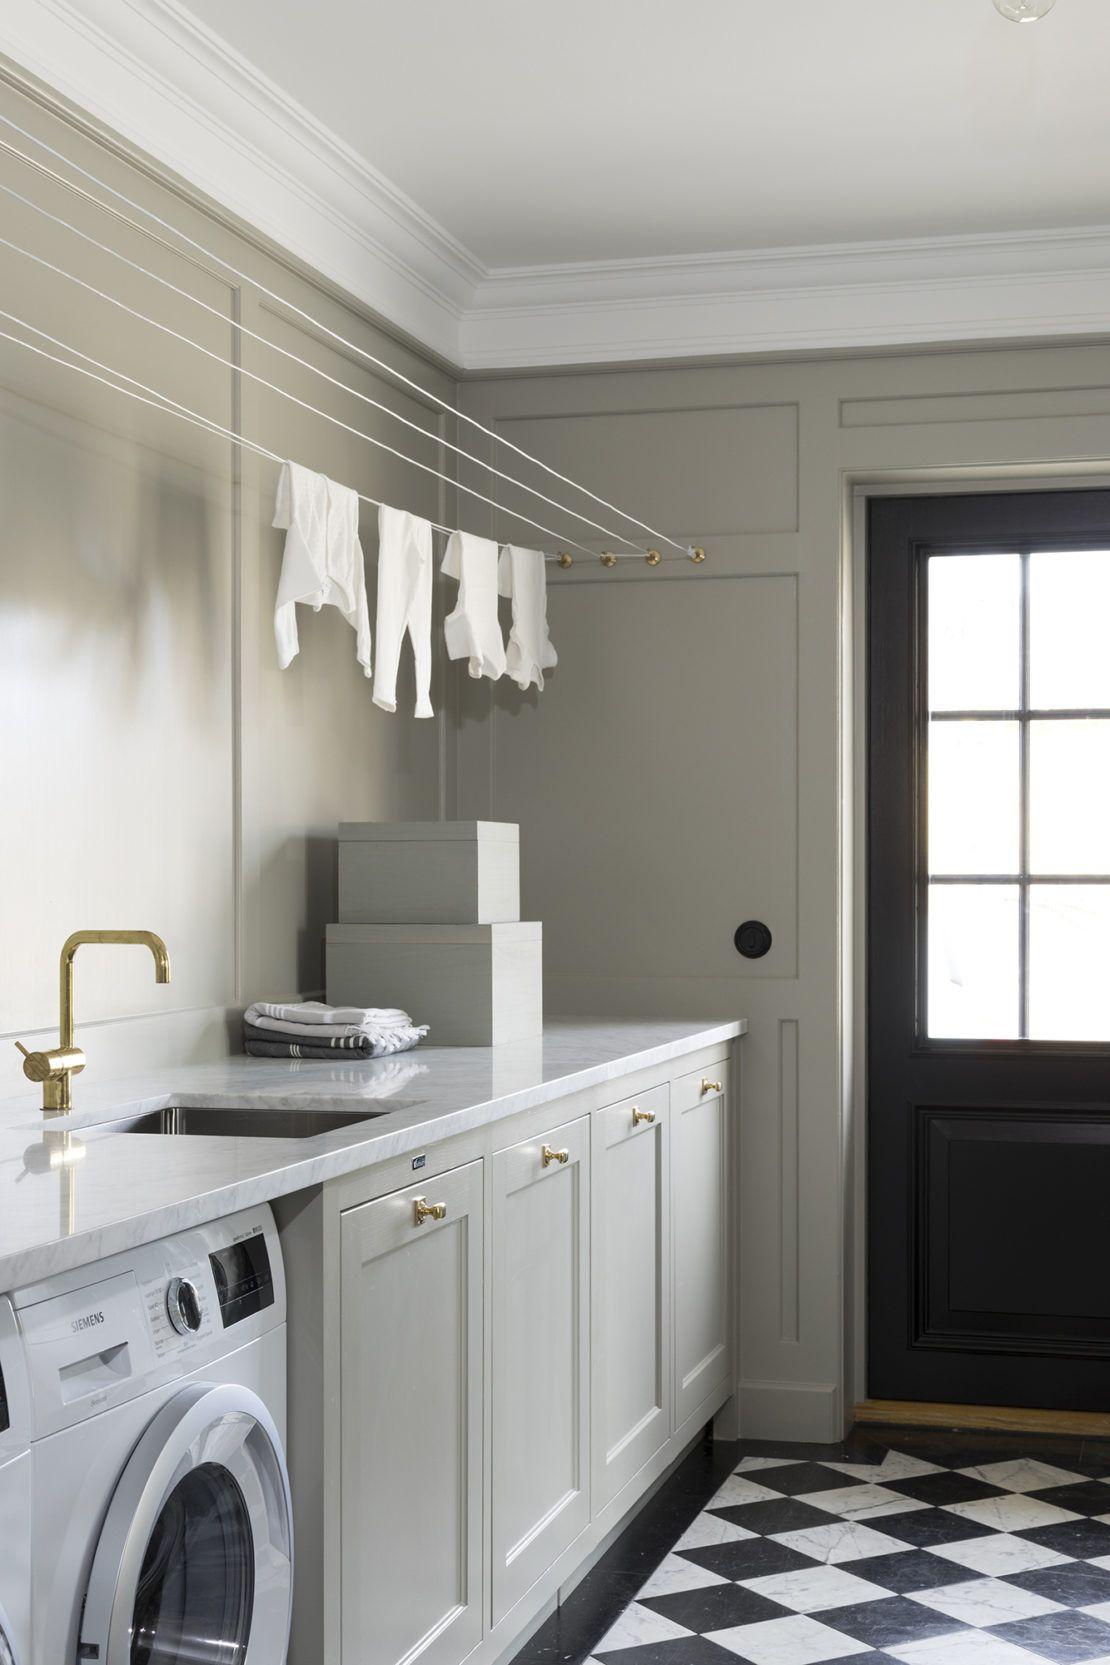 Inredning tvättstuga inspiration : Broby Pigeon 2 - Kvänum | Kulörer | Pinterest | Badrum ...